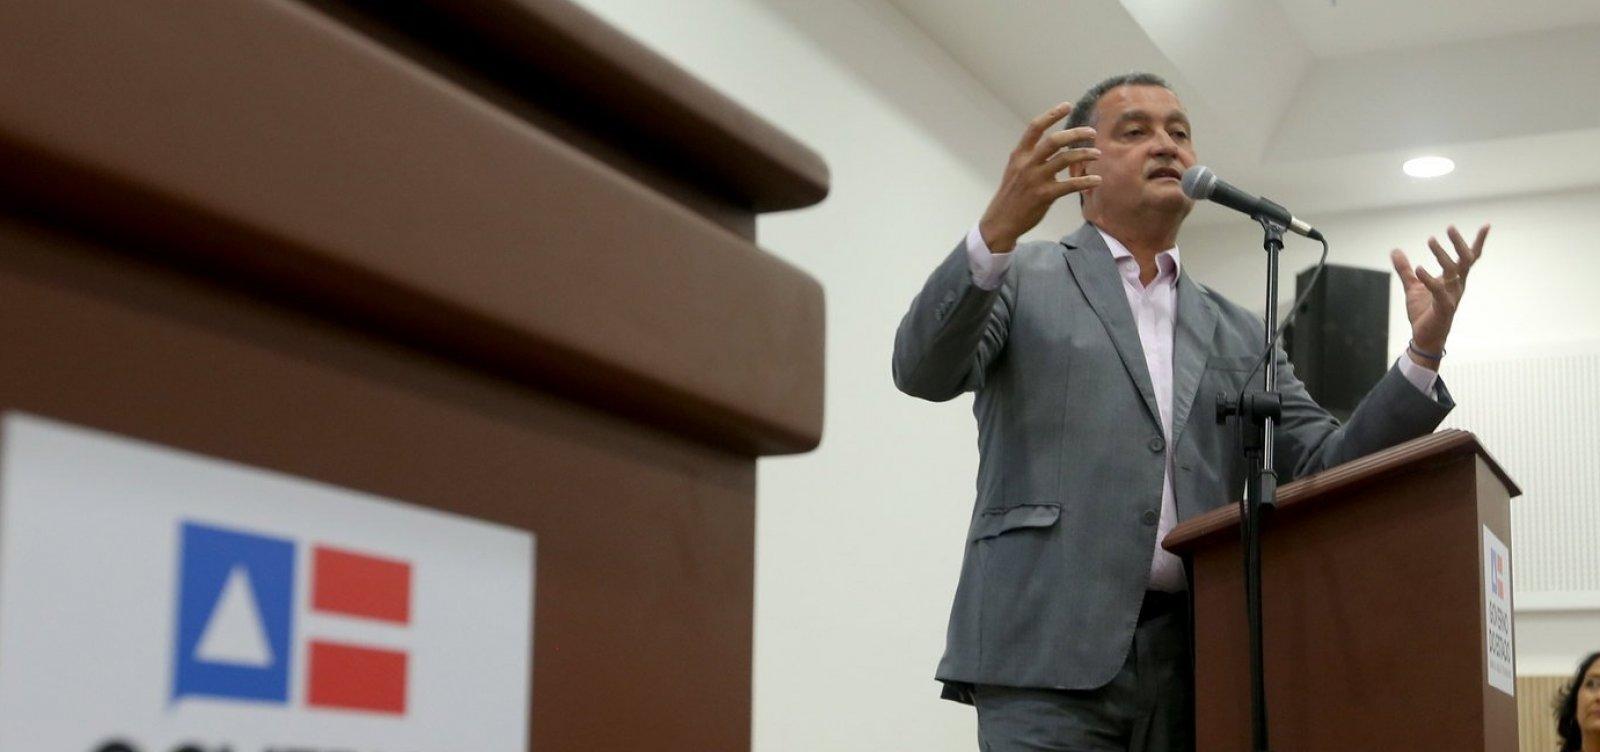 Rui se diz favorável à reforma da Previdência, 'mas se mudar vários pontos'